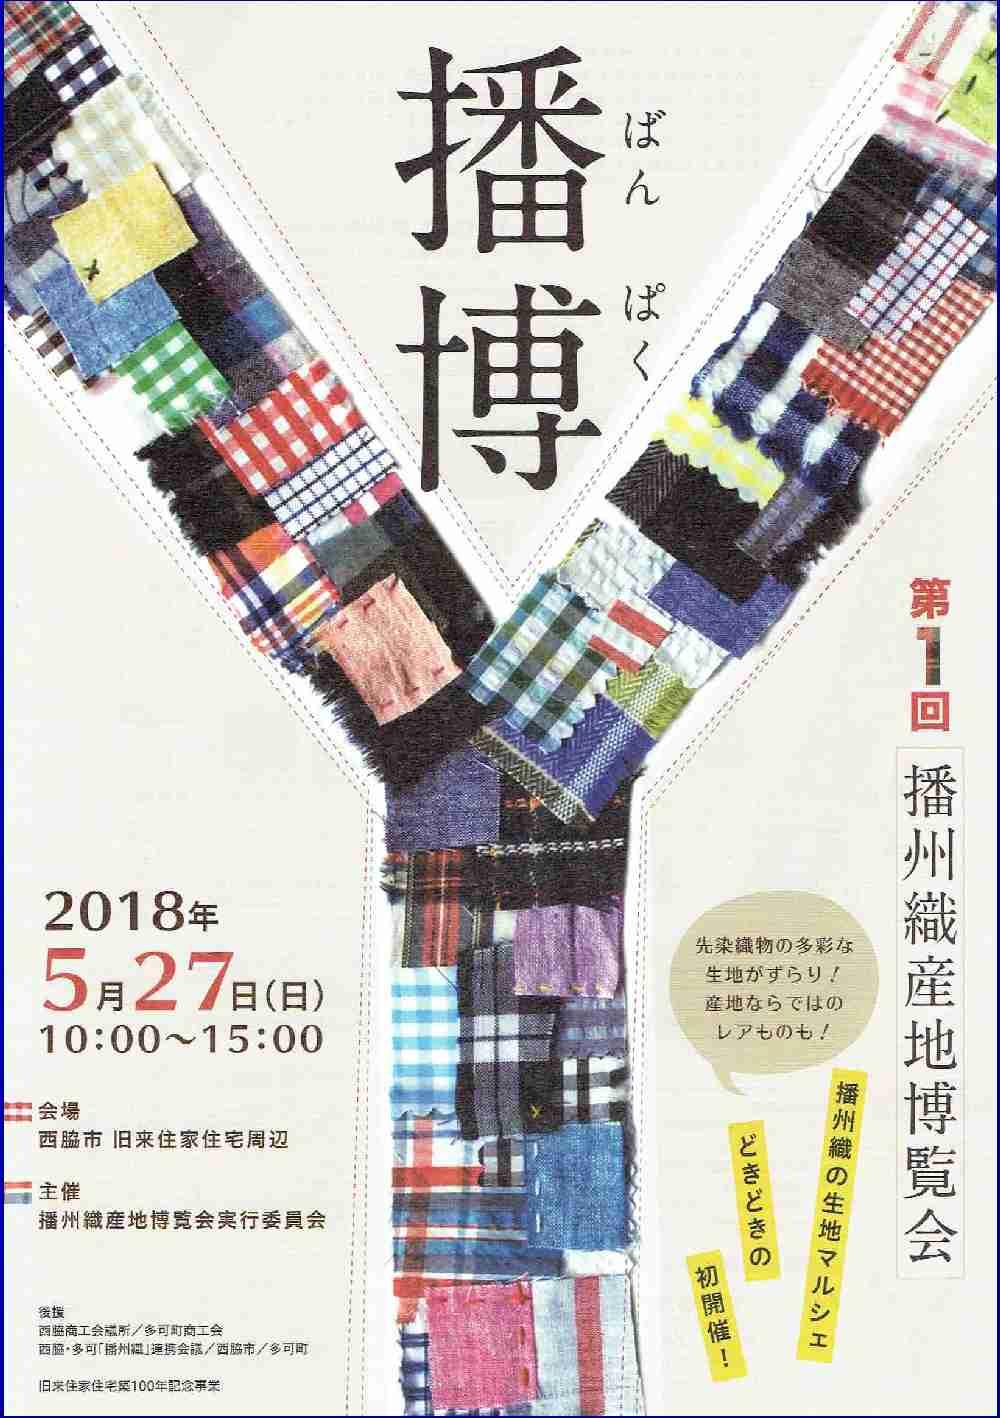 5/27 第1回播州織産地博覧会(ばんぱく):旧来住家住宅周辺